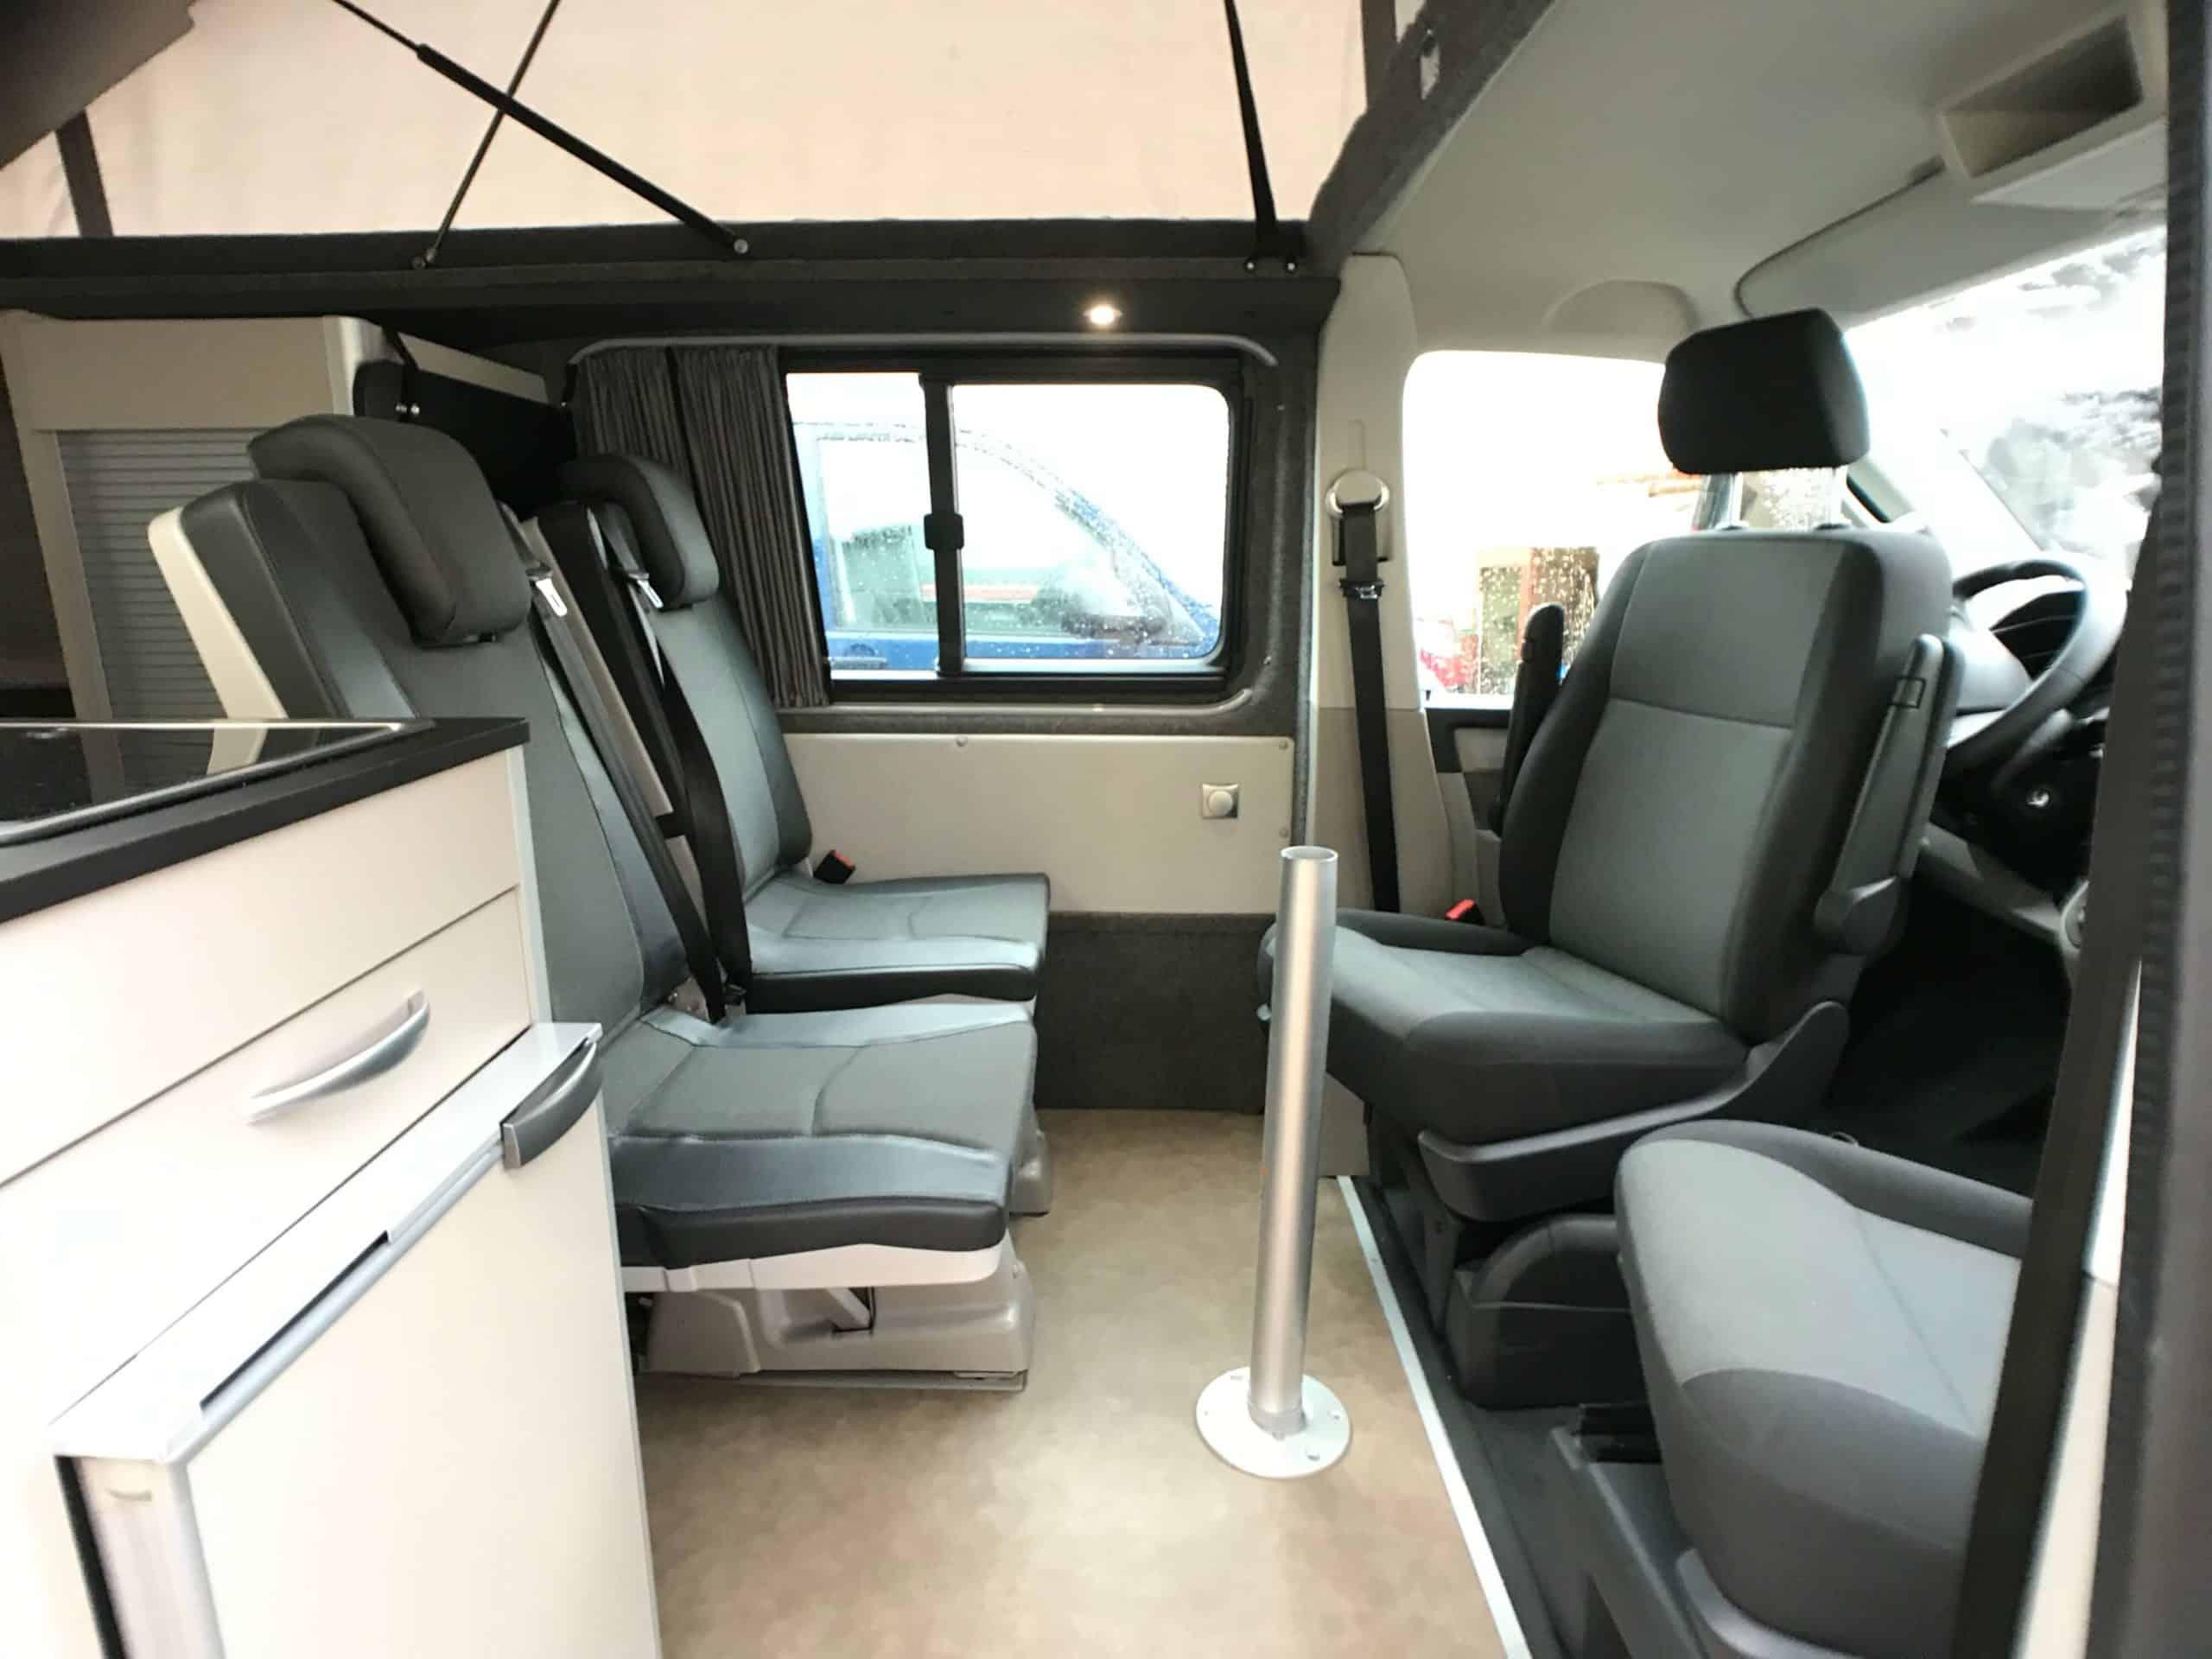 acheter-un-van-amenage-occasion-van-fourgon-amnag-volkswagen-freedom-camper